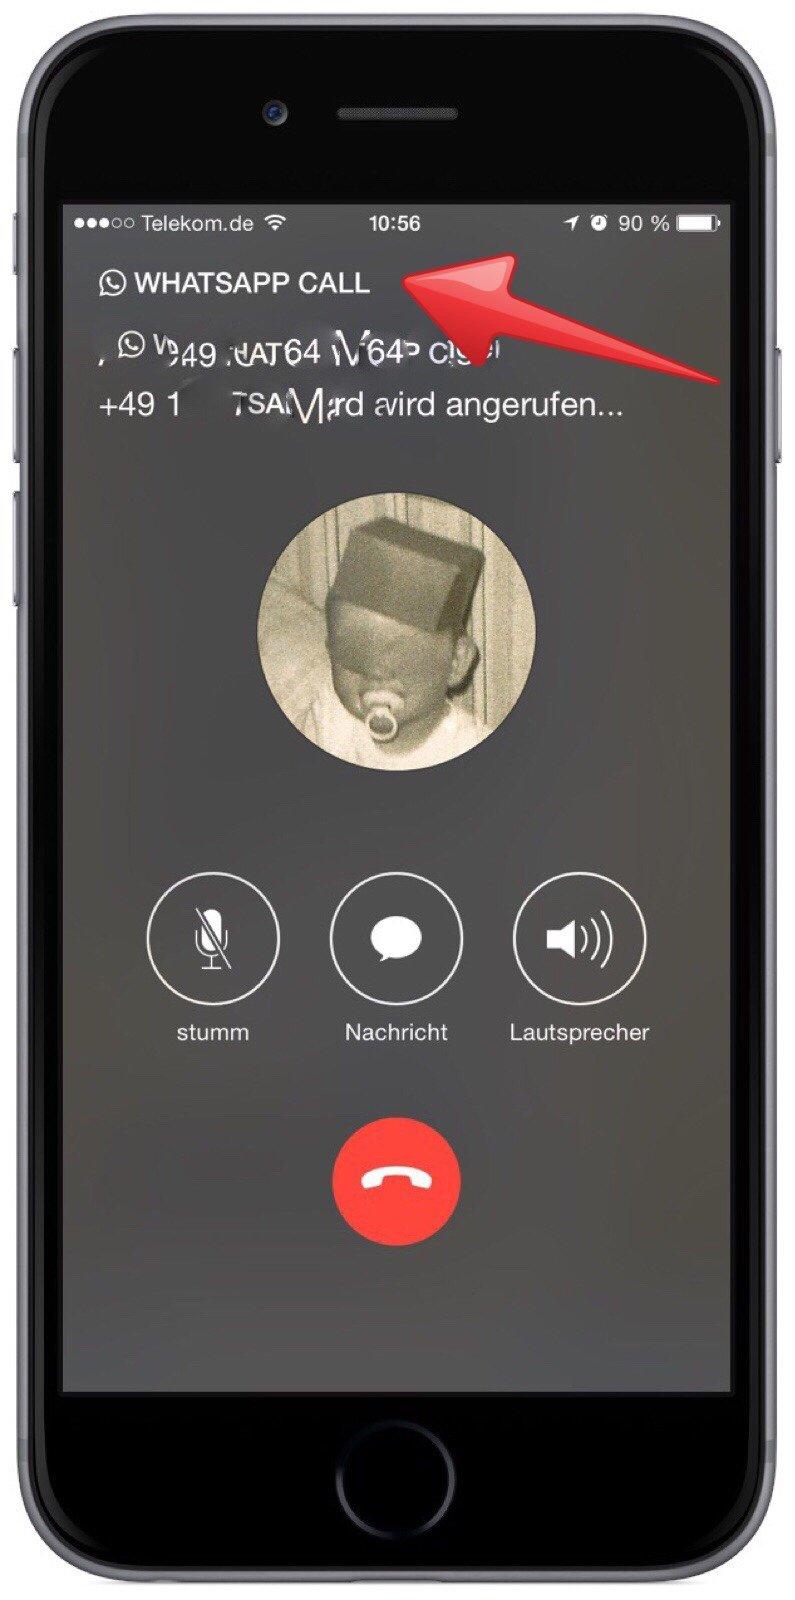 WhatsApp-Telefonate am iPhone: Kostenlos im WLAN anrufen